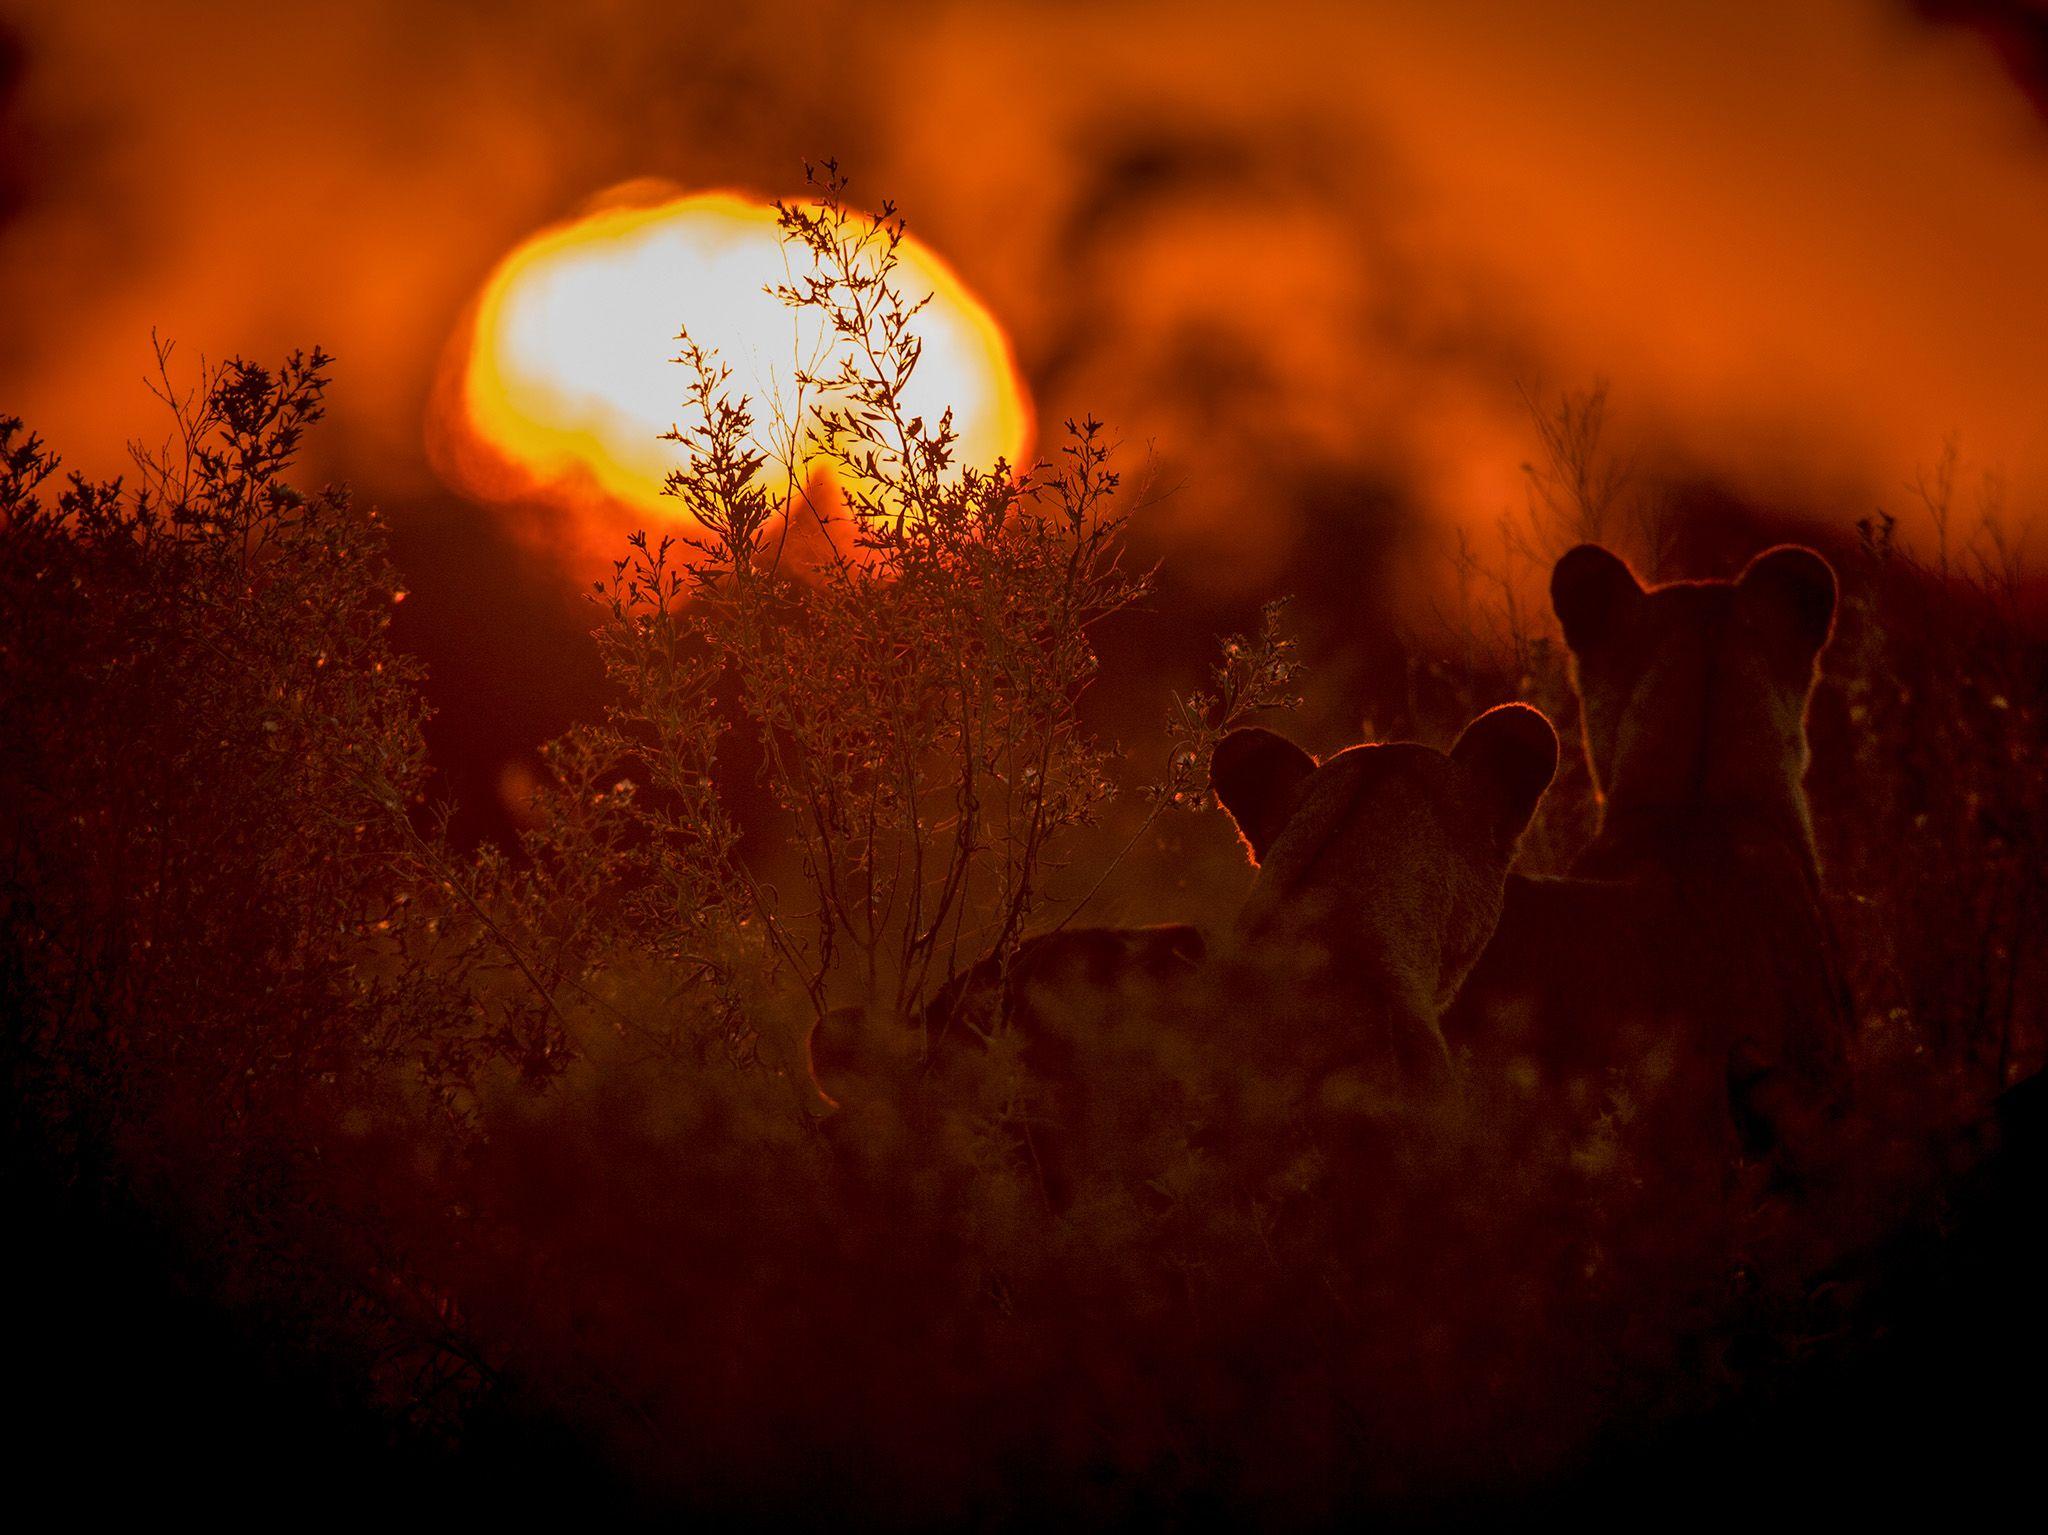 سيليندا ريسيرف، بوتسوانا:  هي لبؤة أم وصغيرتها (من... [Photo of the day - نوفمبر 2020]